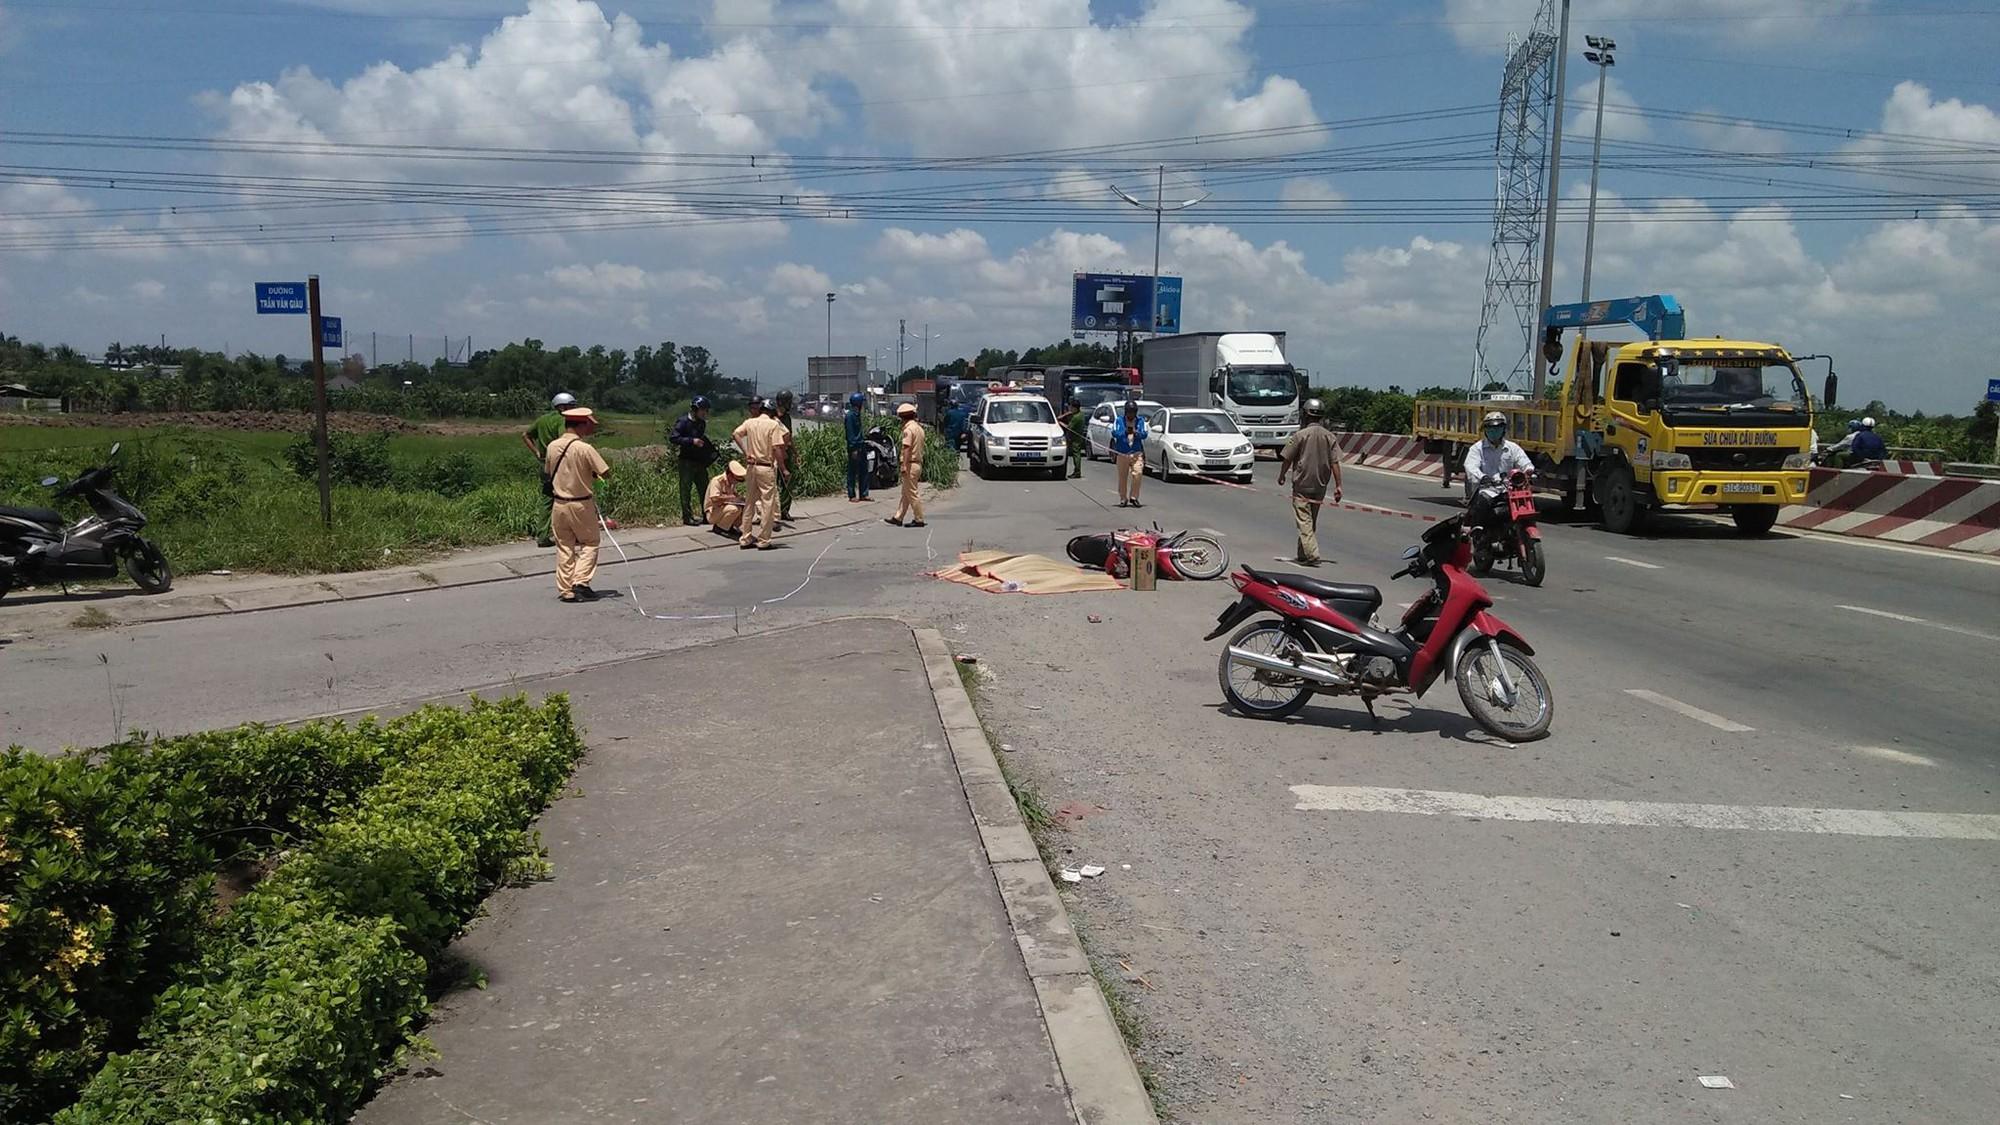 Đi khám bệnh về nhà, mẹ tử vong, con trai 4 tuổi nguy kịch sau va chạm với xe tải ở Sài Gòn 1